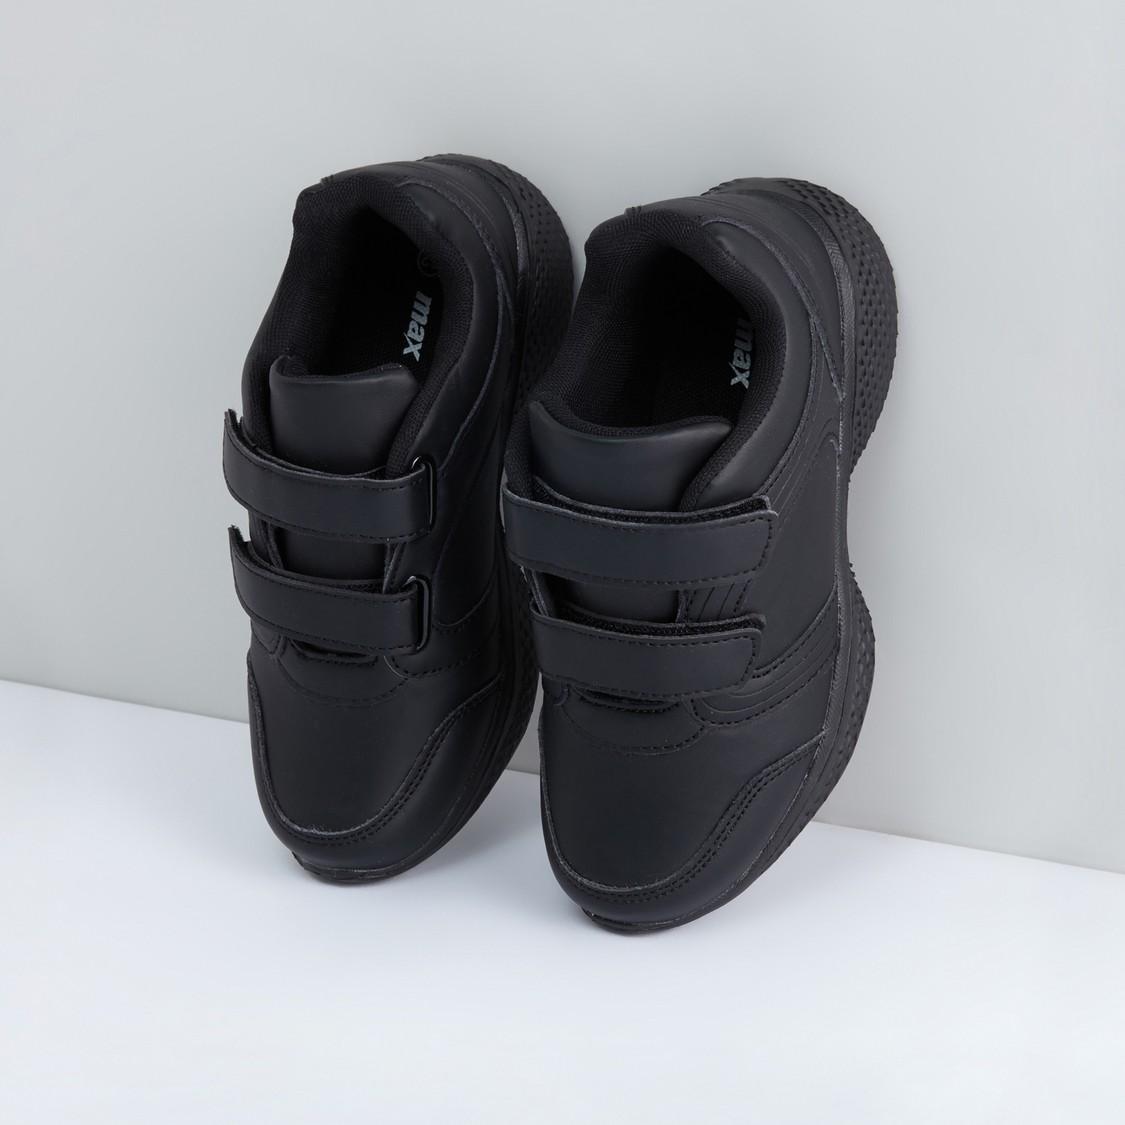 حذاء رياضي للمدرسة بشريط إغلاق